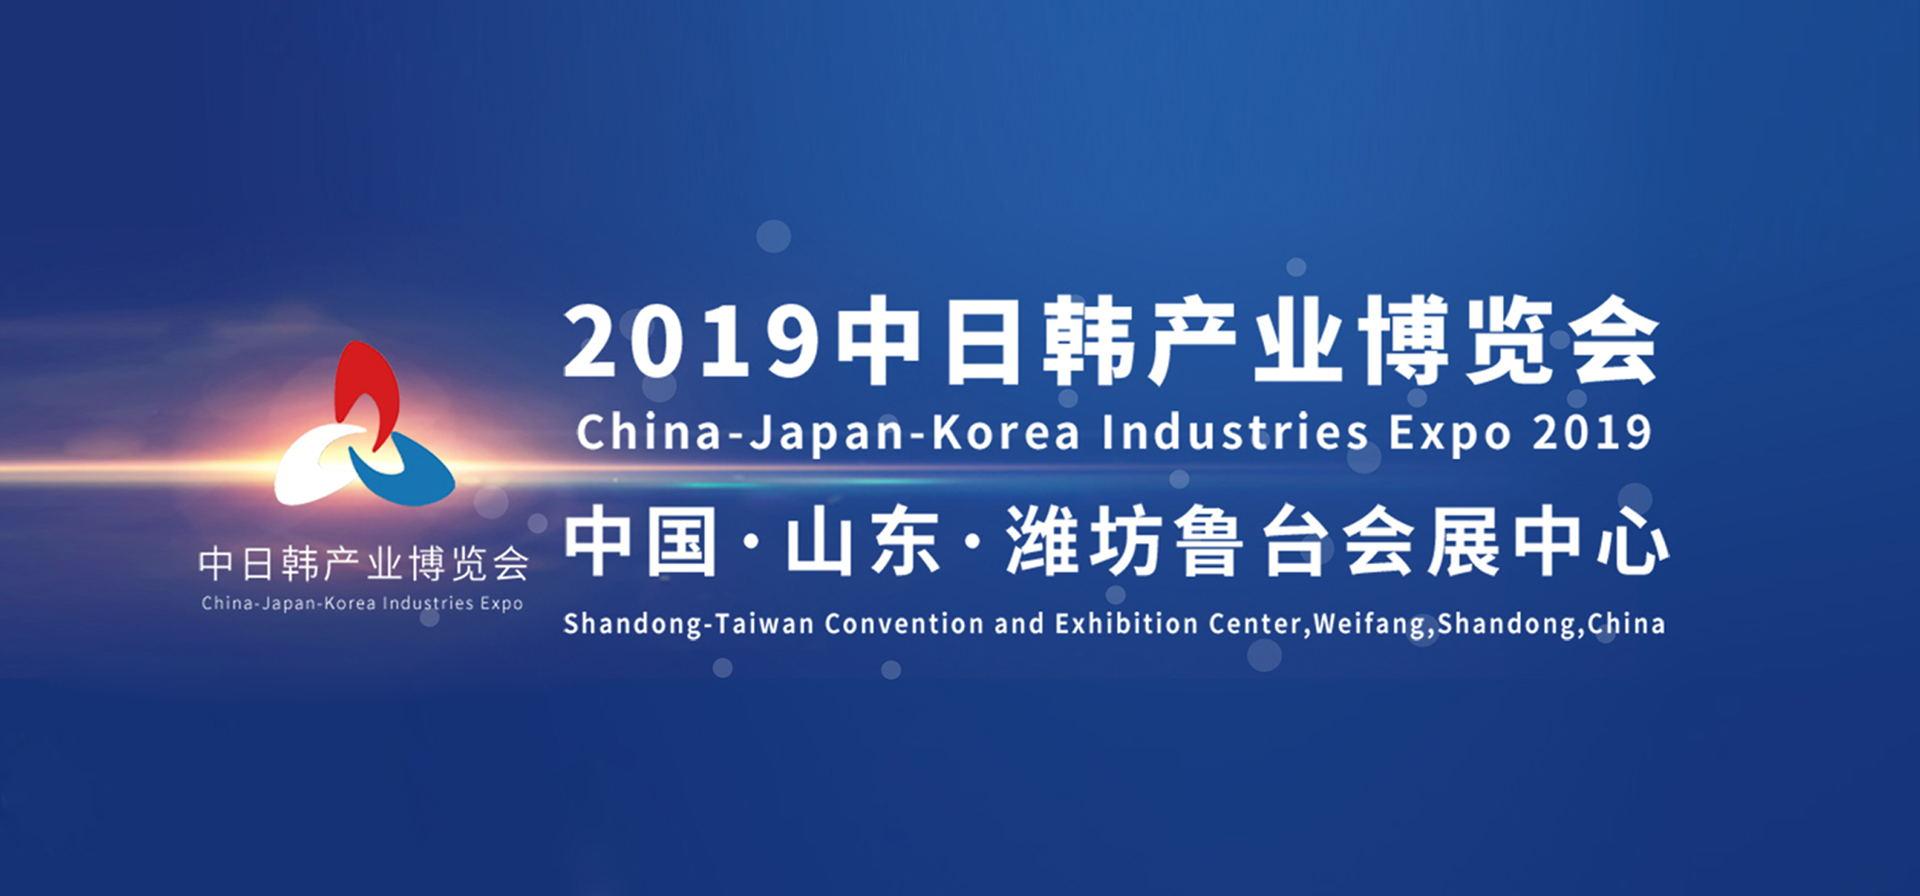 2019第五届中日韩产业博览会